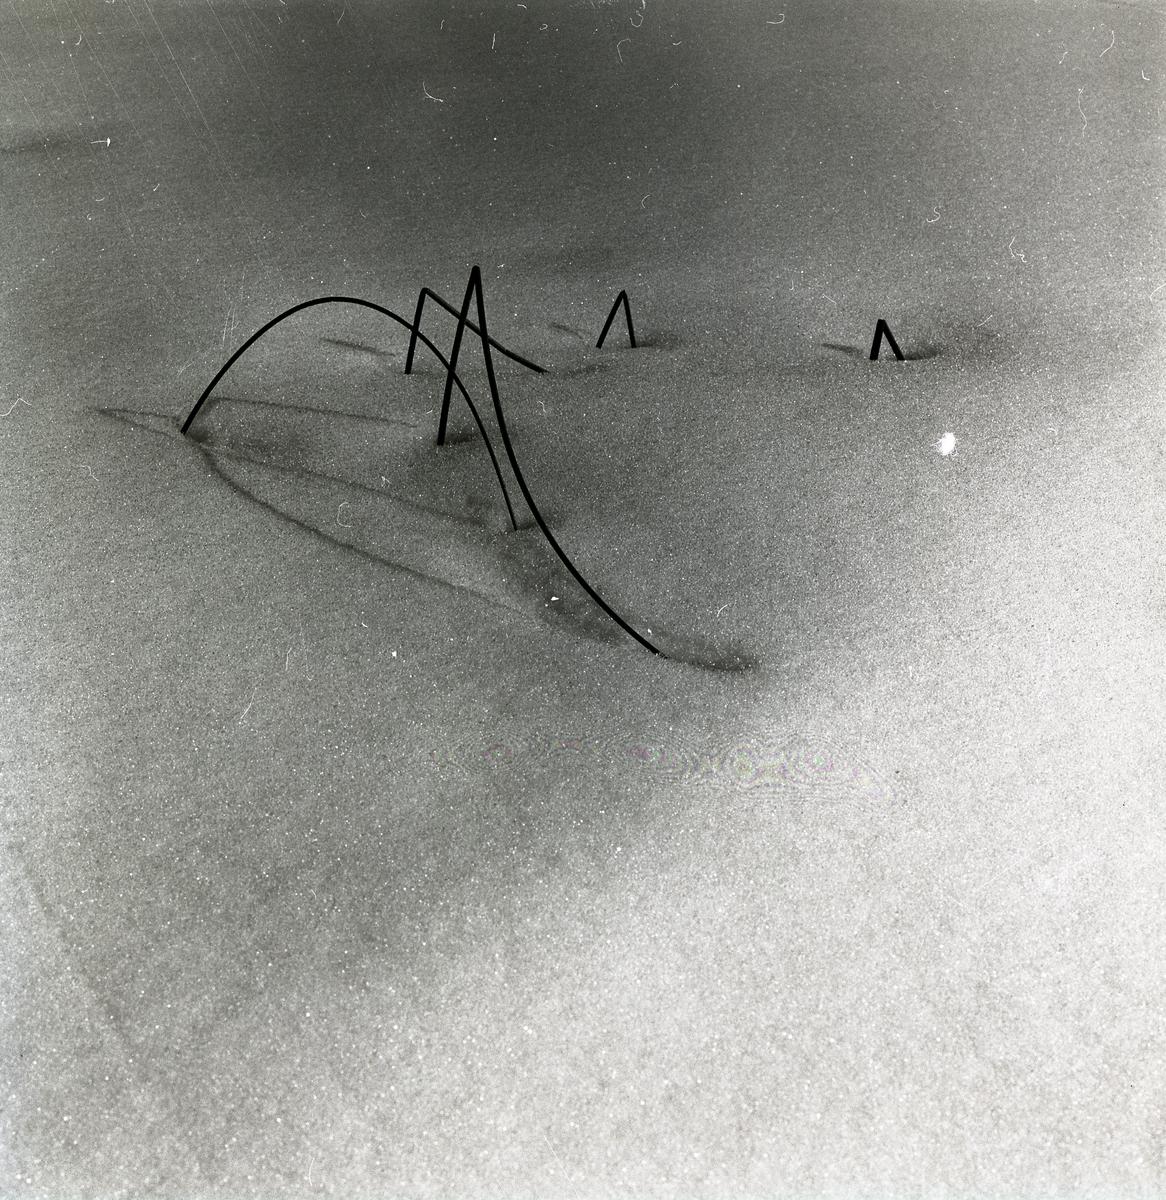 Några strån sticker upp ur snön vid Stråsjön, 7 april 1979.